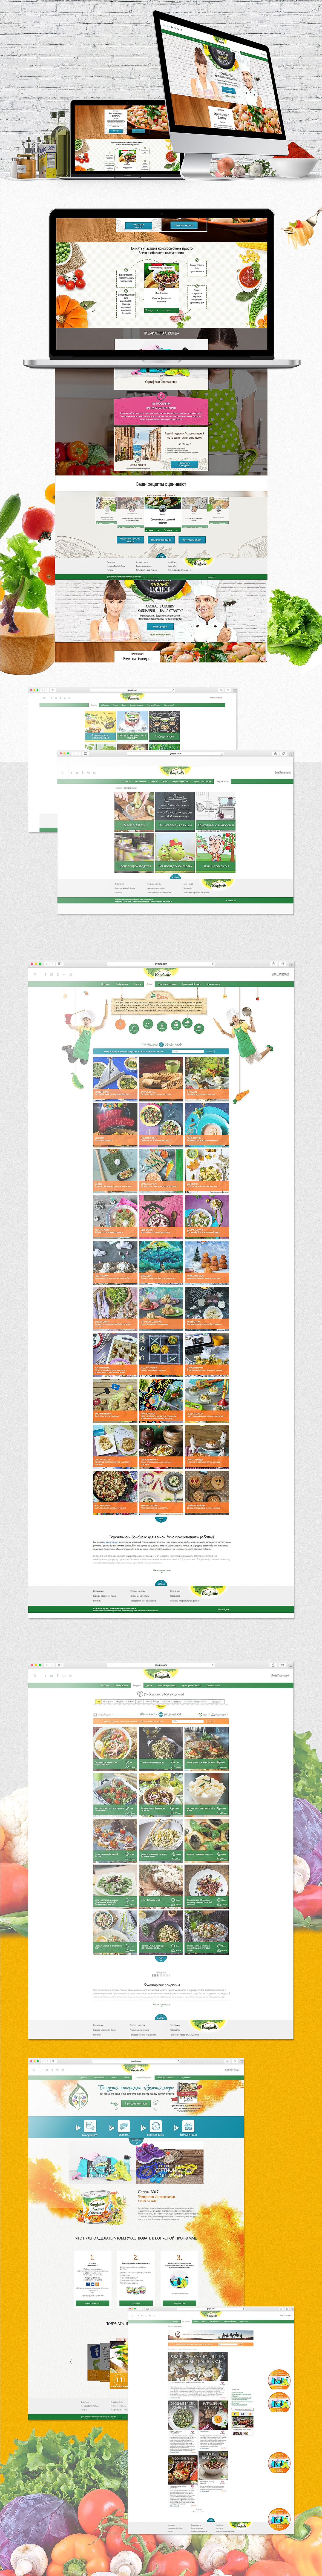 Bonduelle,Food ,Website,Web Design ,website presentation,catering,recipe